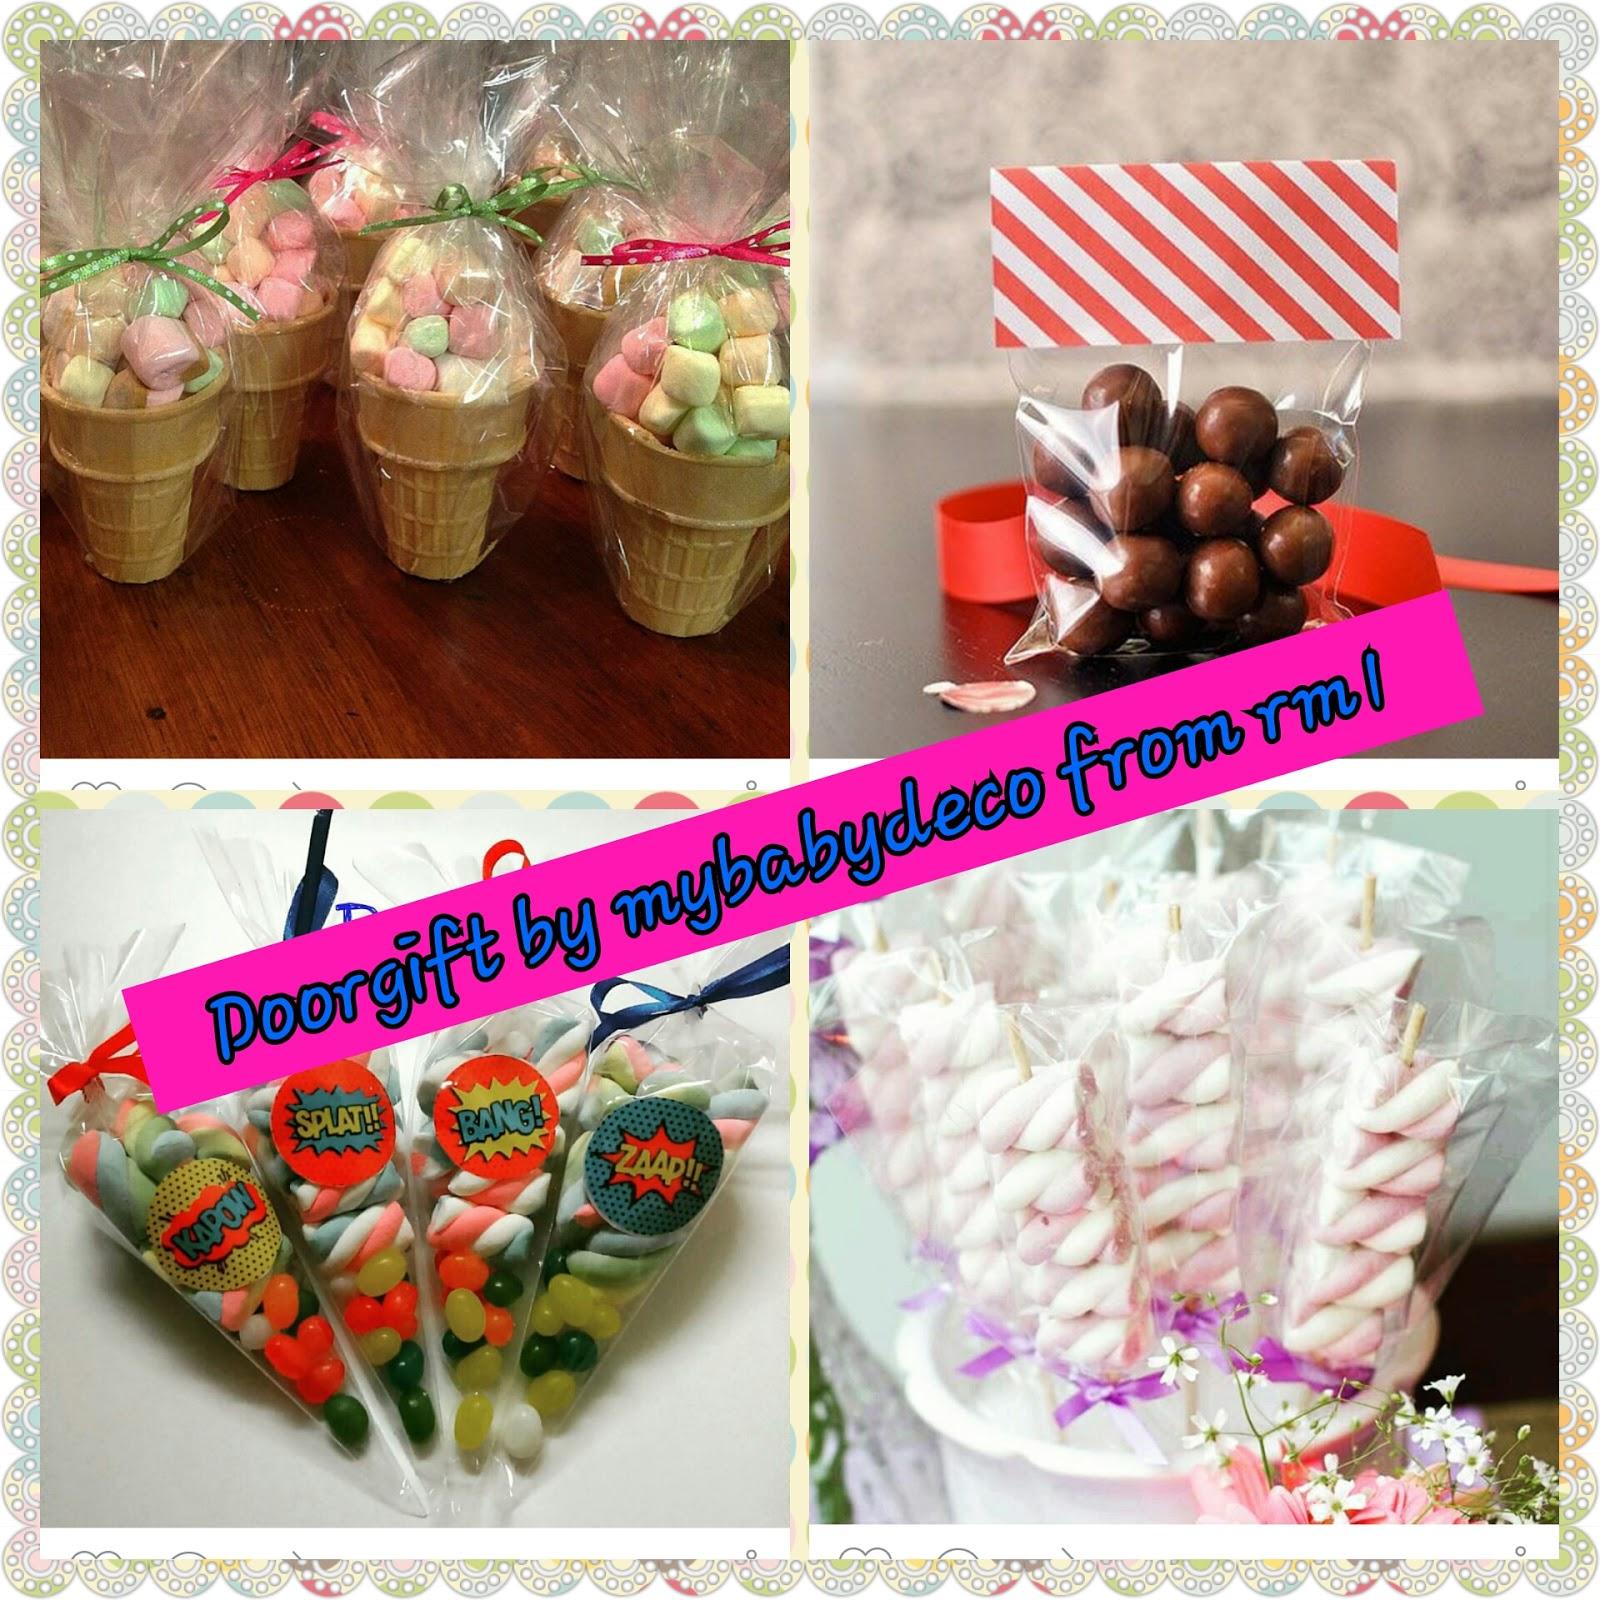 candy door gift u0026 gift ideas with skittles and starburst & Wedding Door Gift Shop In Ipoh | wedding-O pezcame.com